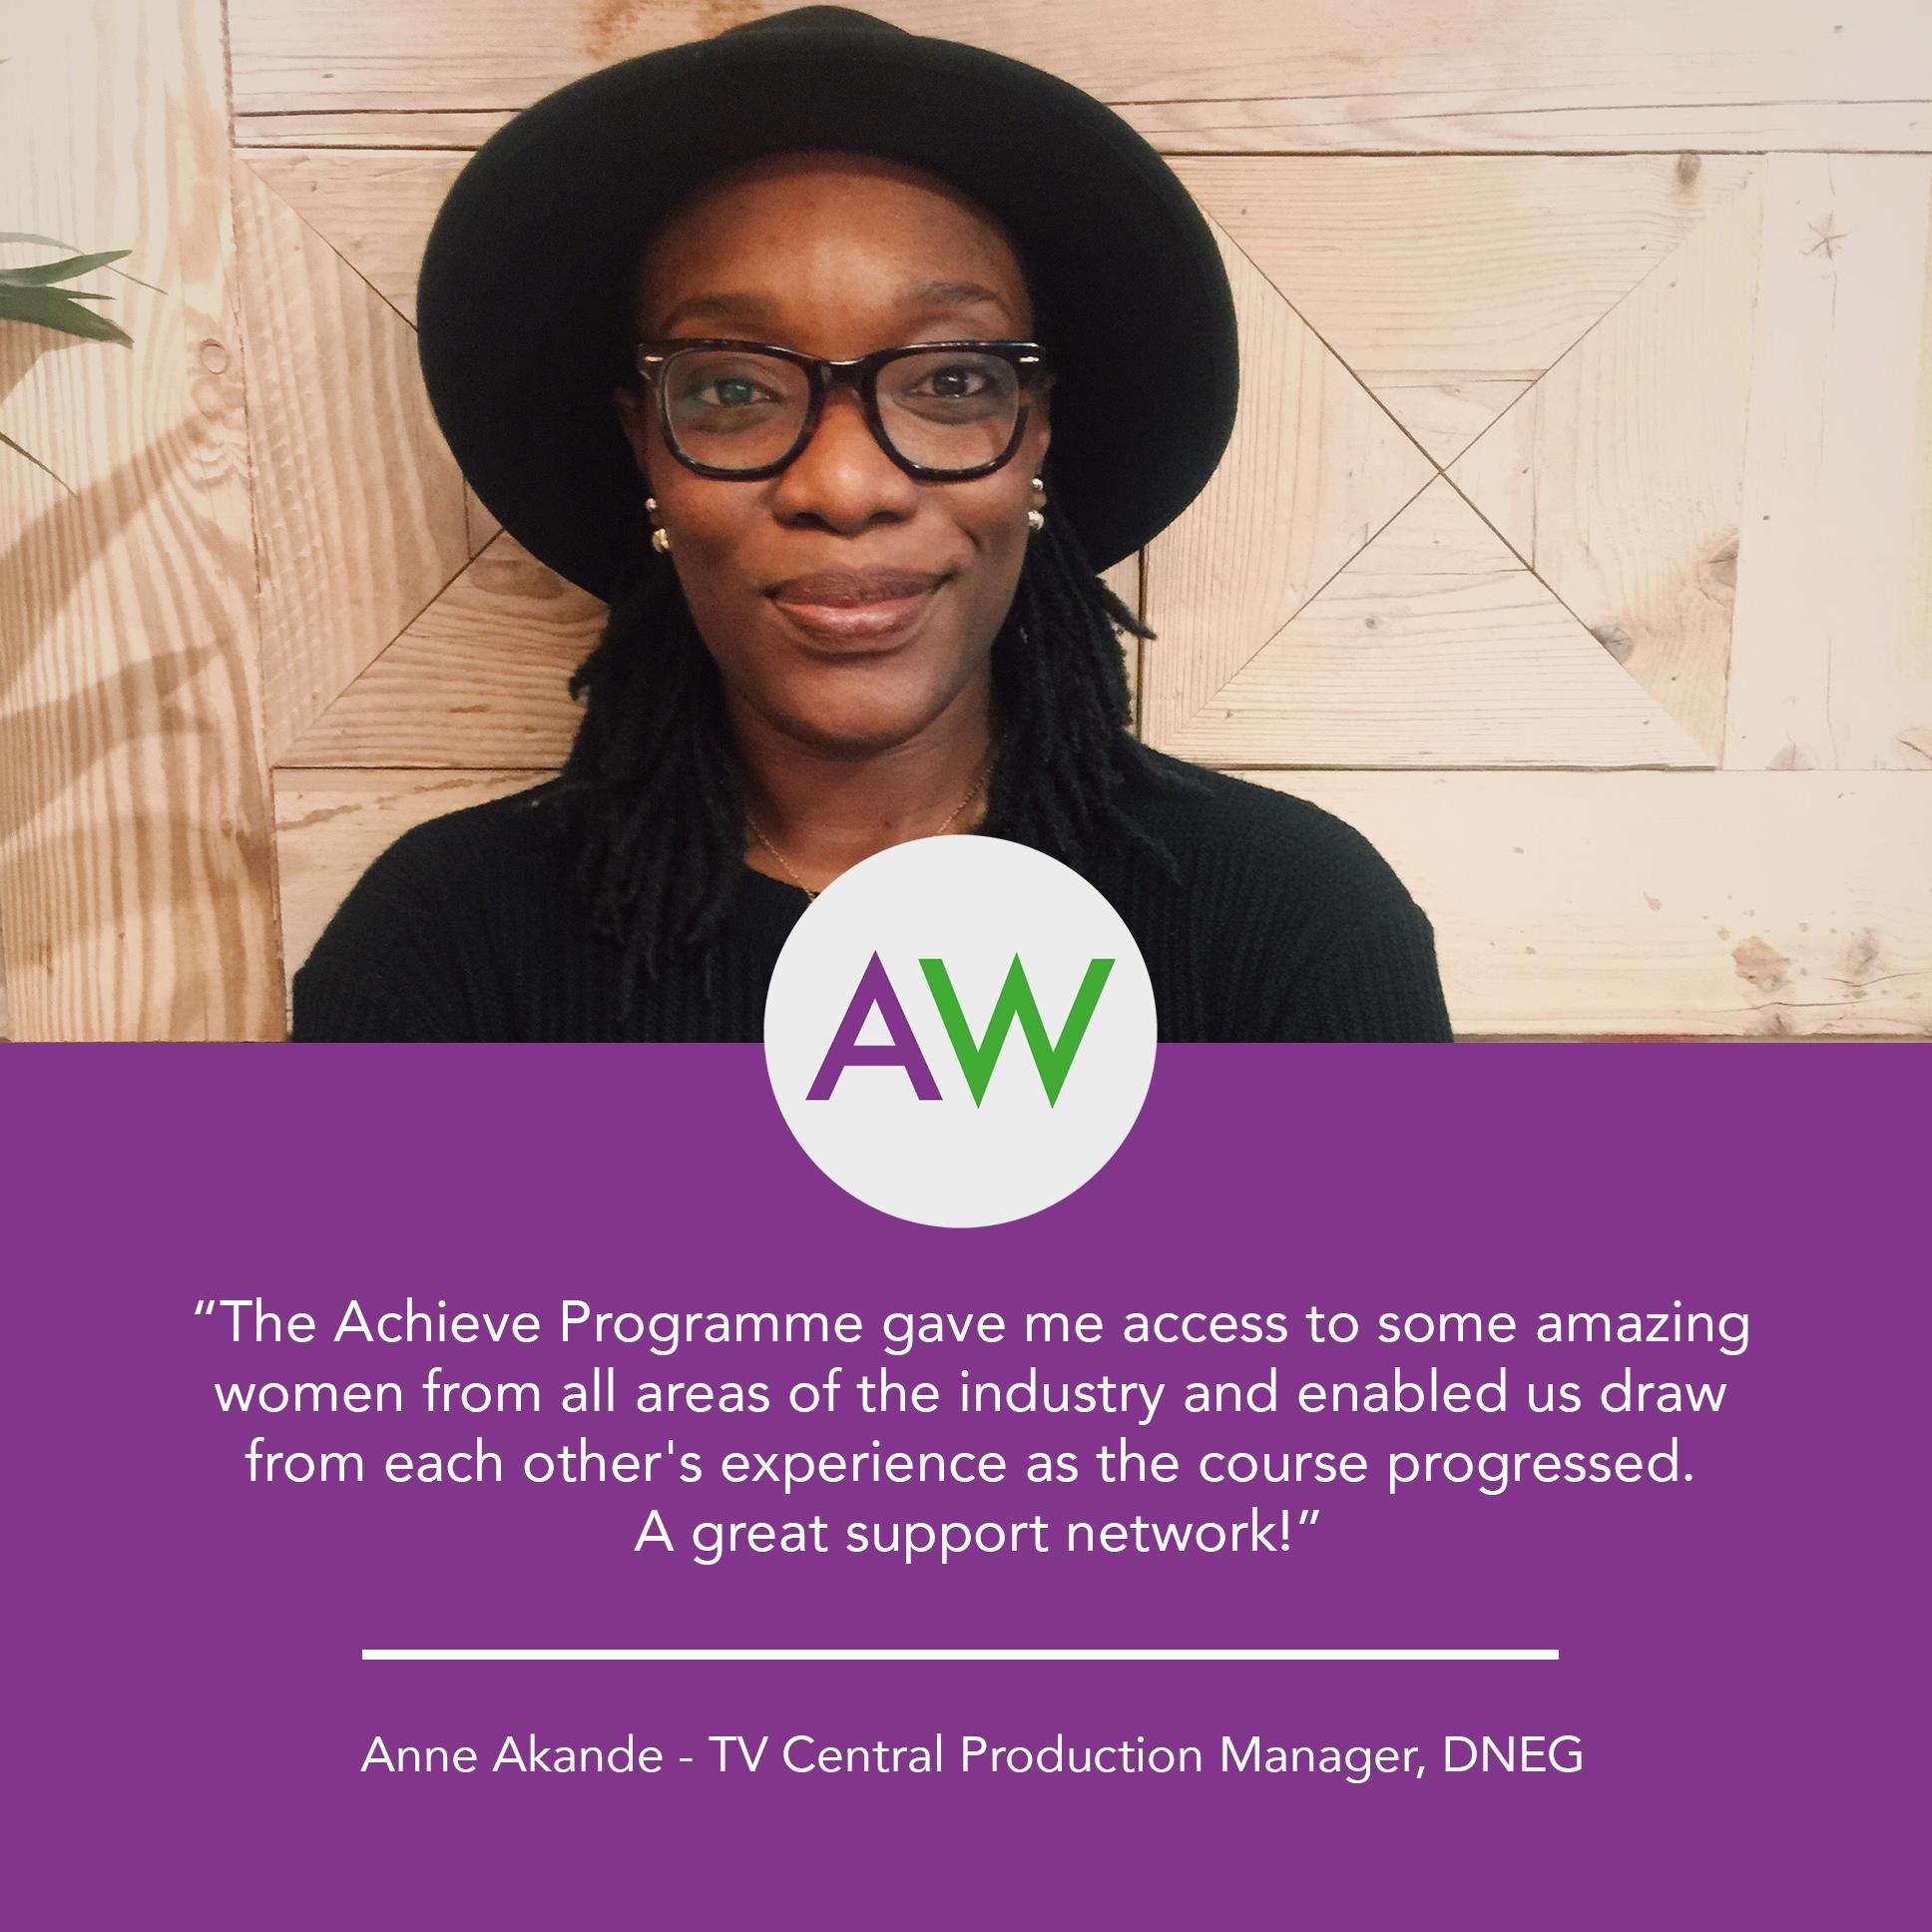 Anne Akande